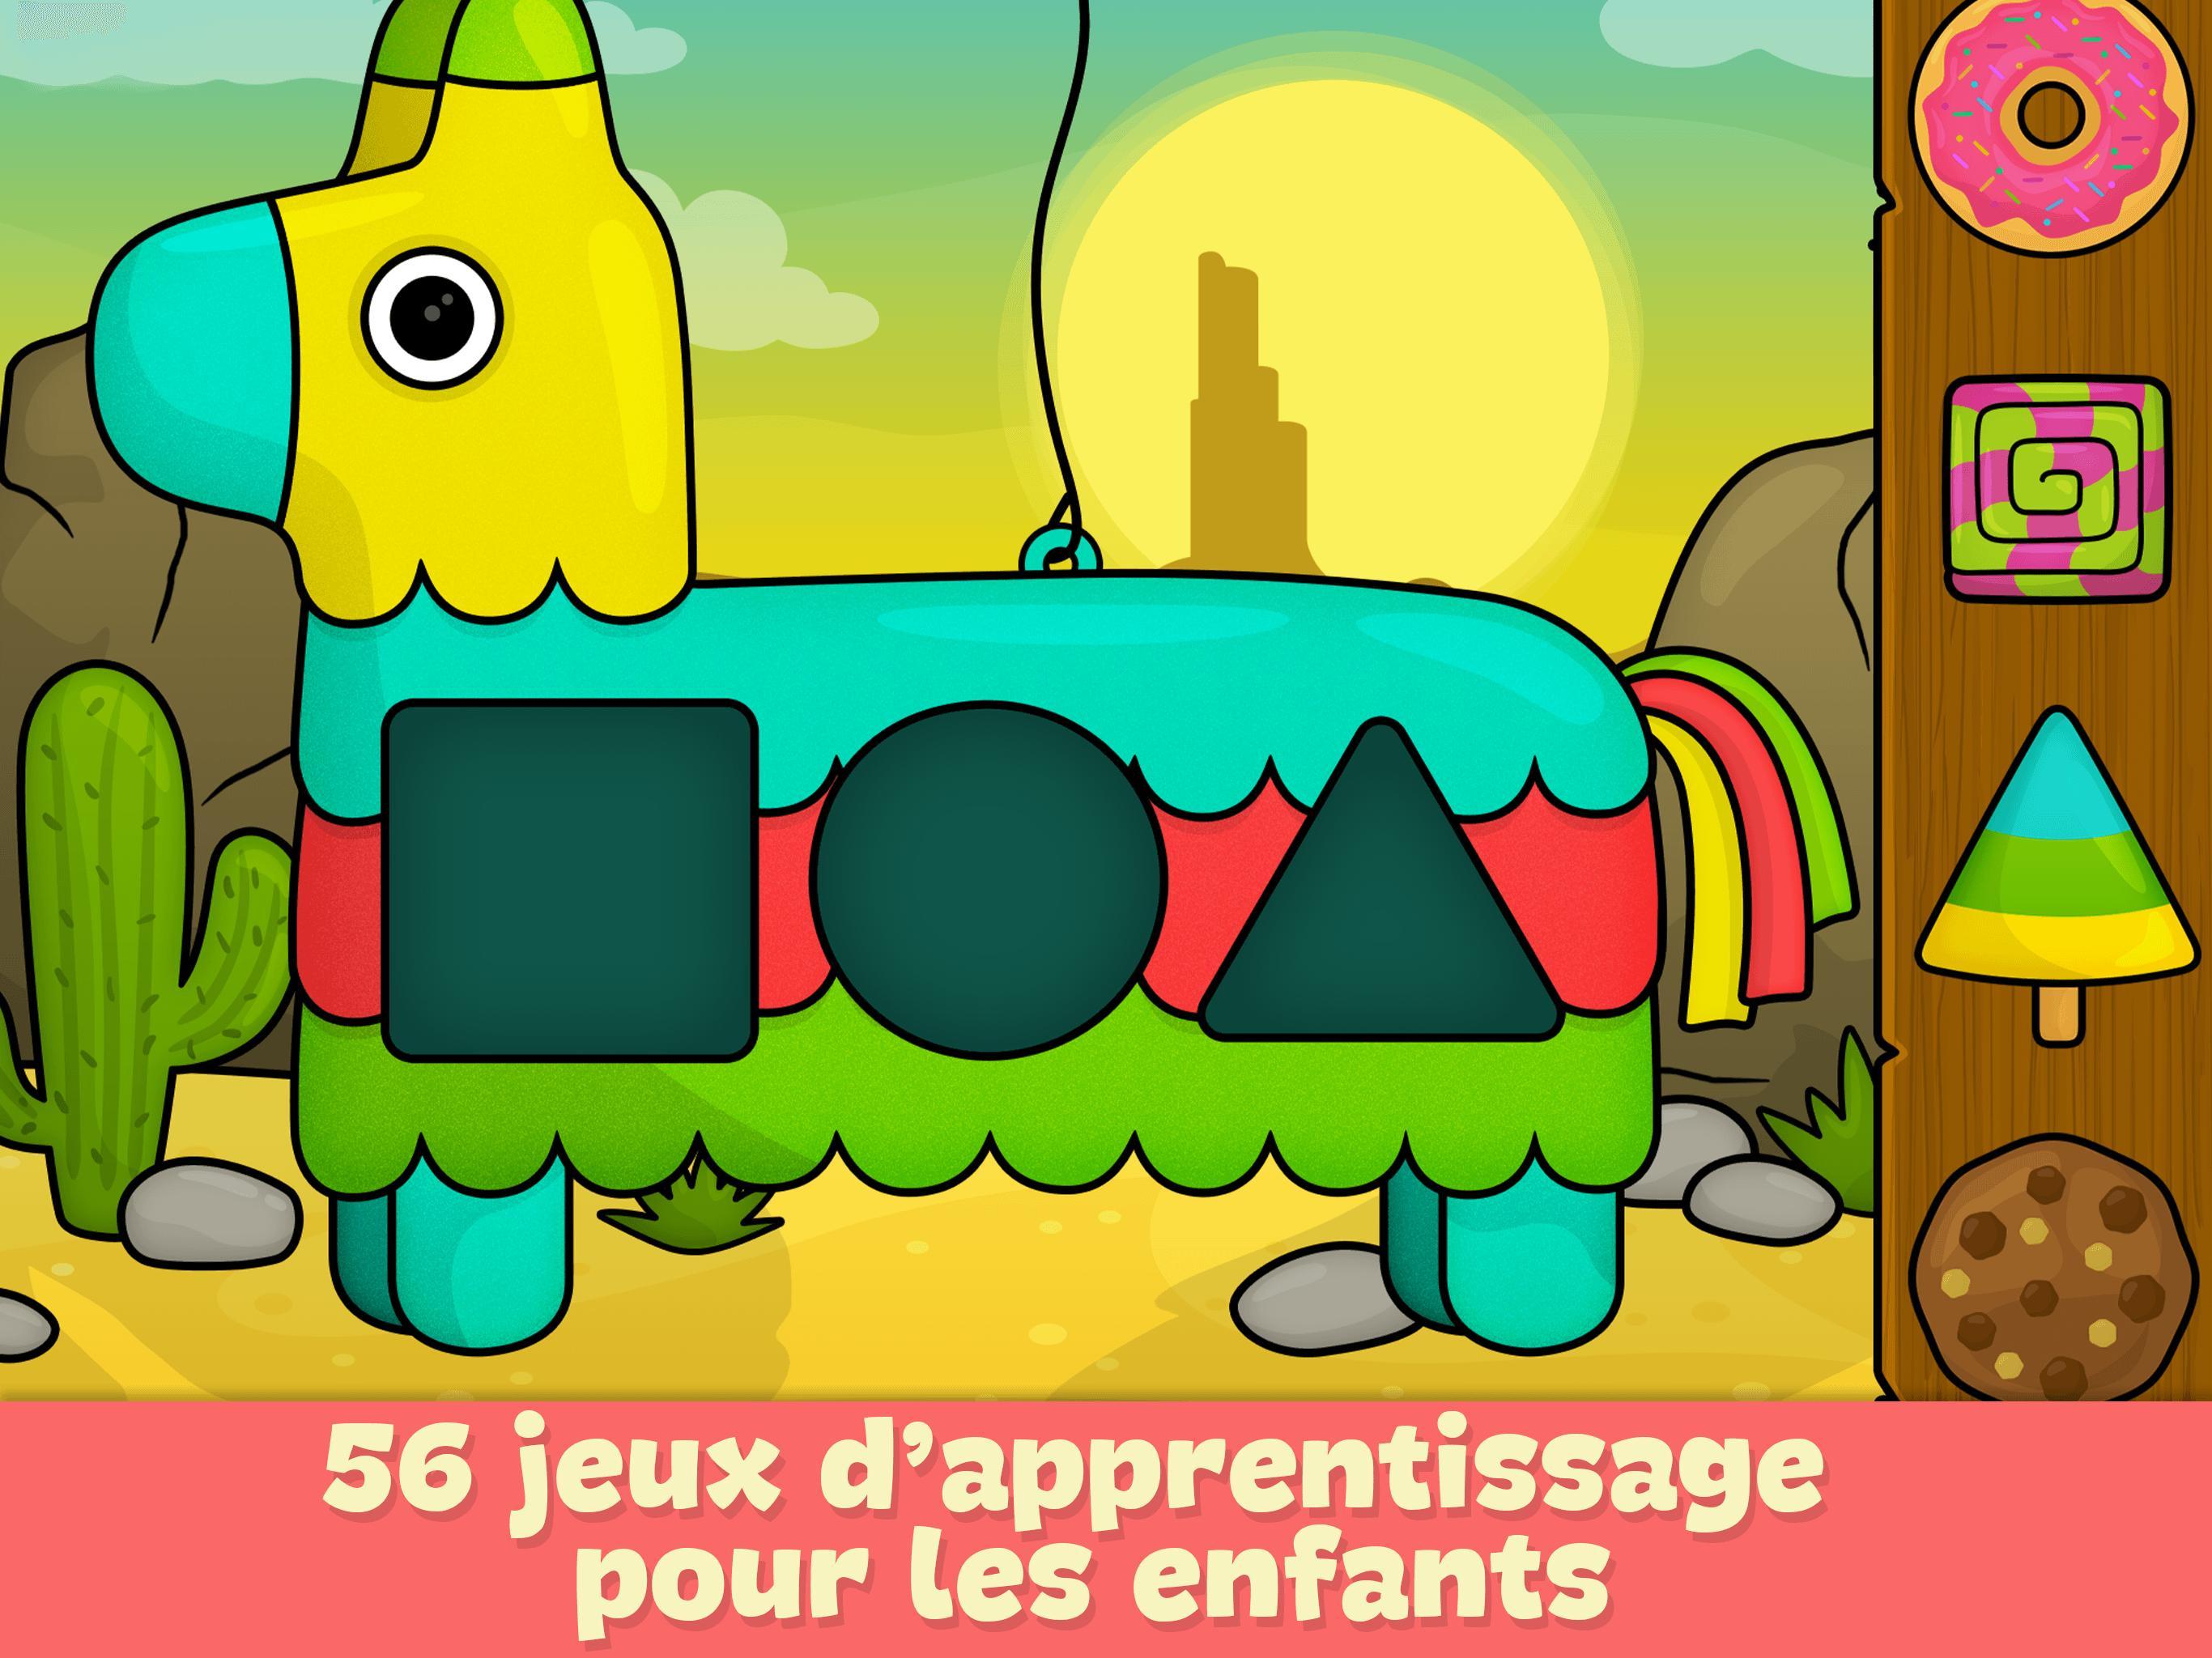 Jeux Pour Enfants 2 - 5 Ans Pour Android - Téléchargez L'apk avec Jeux Pour Enfant De 5 Ans